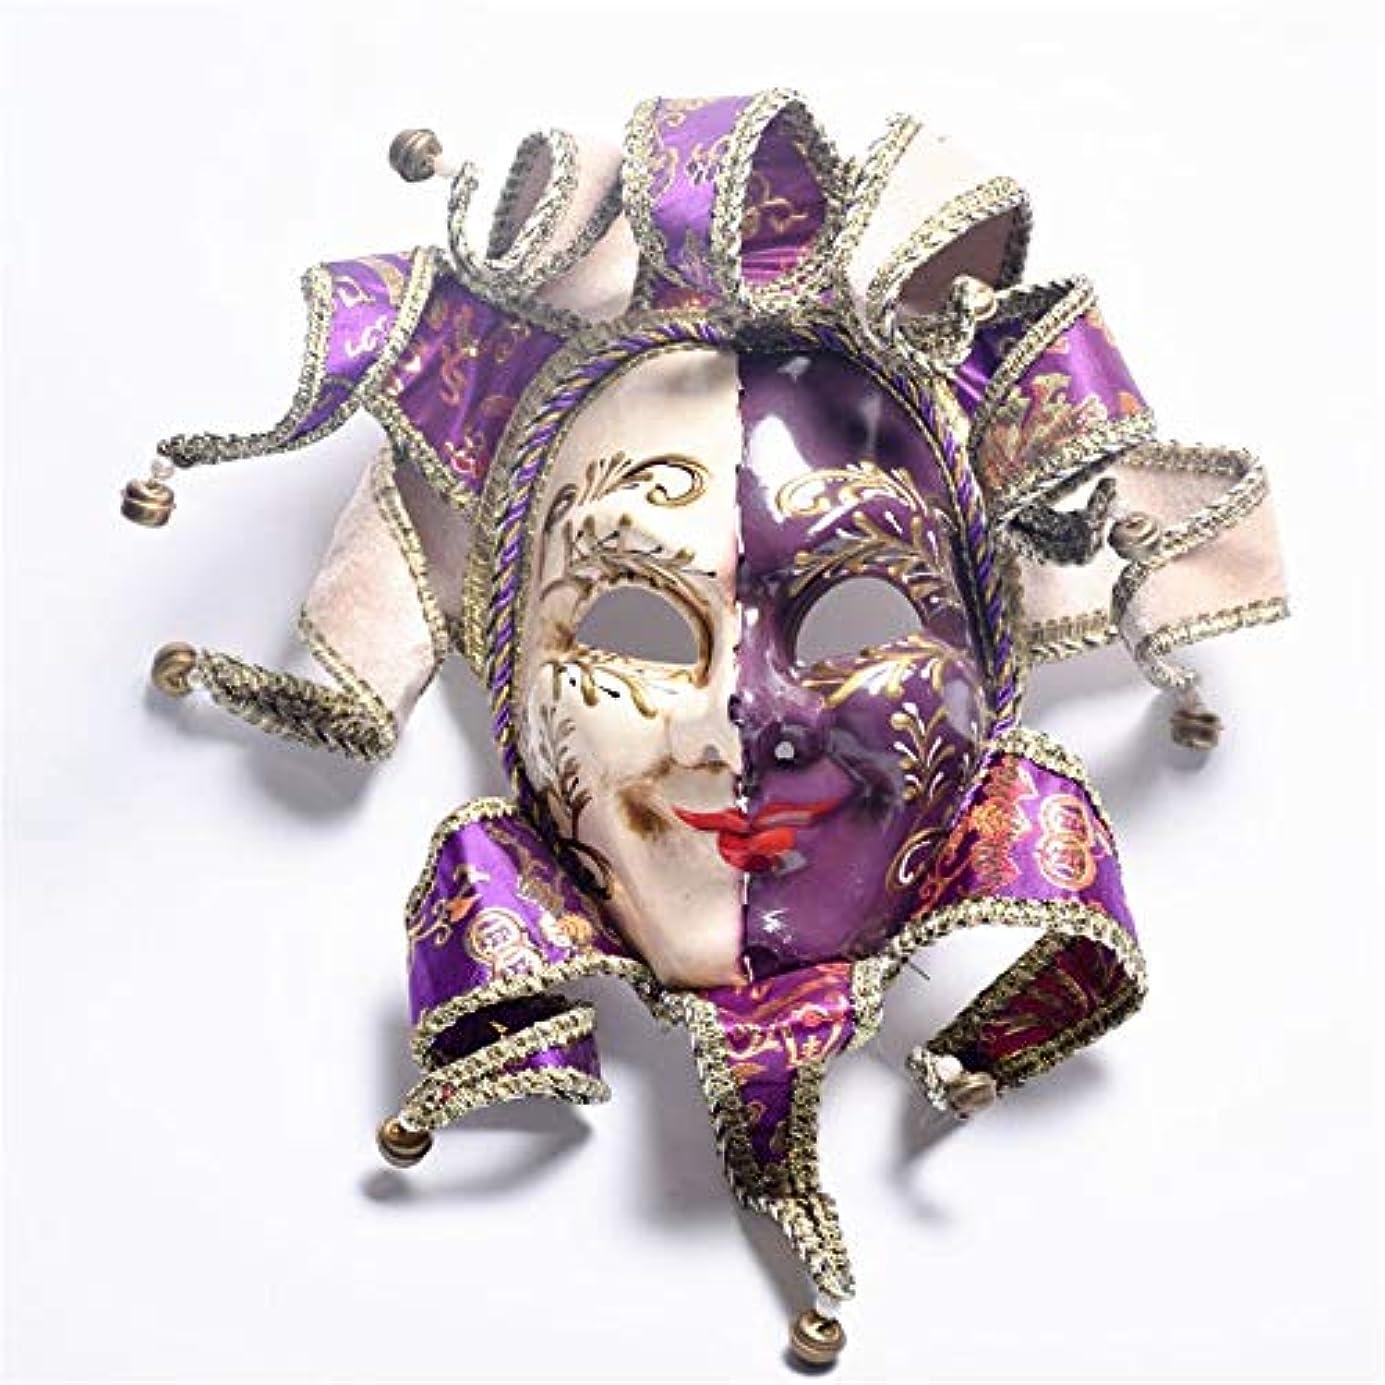 補償ラケット絶滅したダンスマスク 塗装フルフェイスパフォーマンス小道具ハロウィンパーティー仮装祭りロールプレイナイトクラブパーティープラスチックマスク パーティーボールマスク (色 : 紫の, サイズ : 50x36cm)